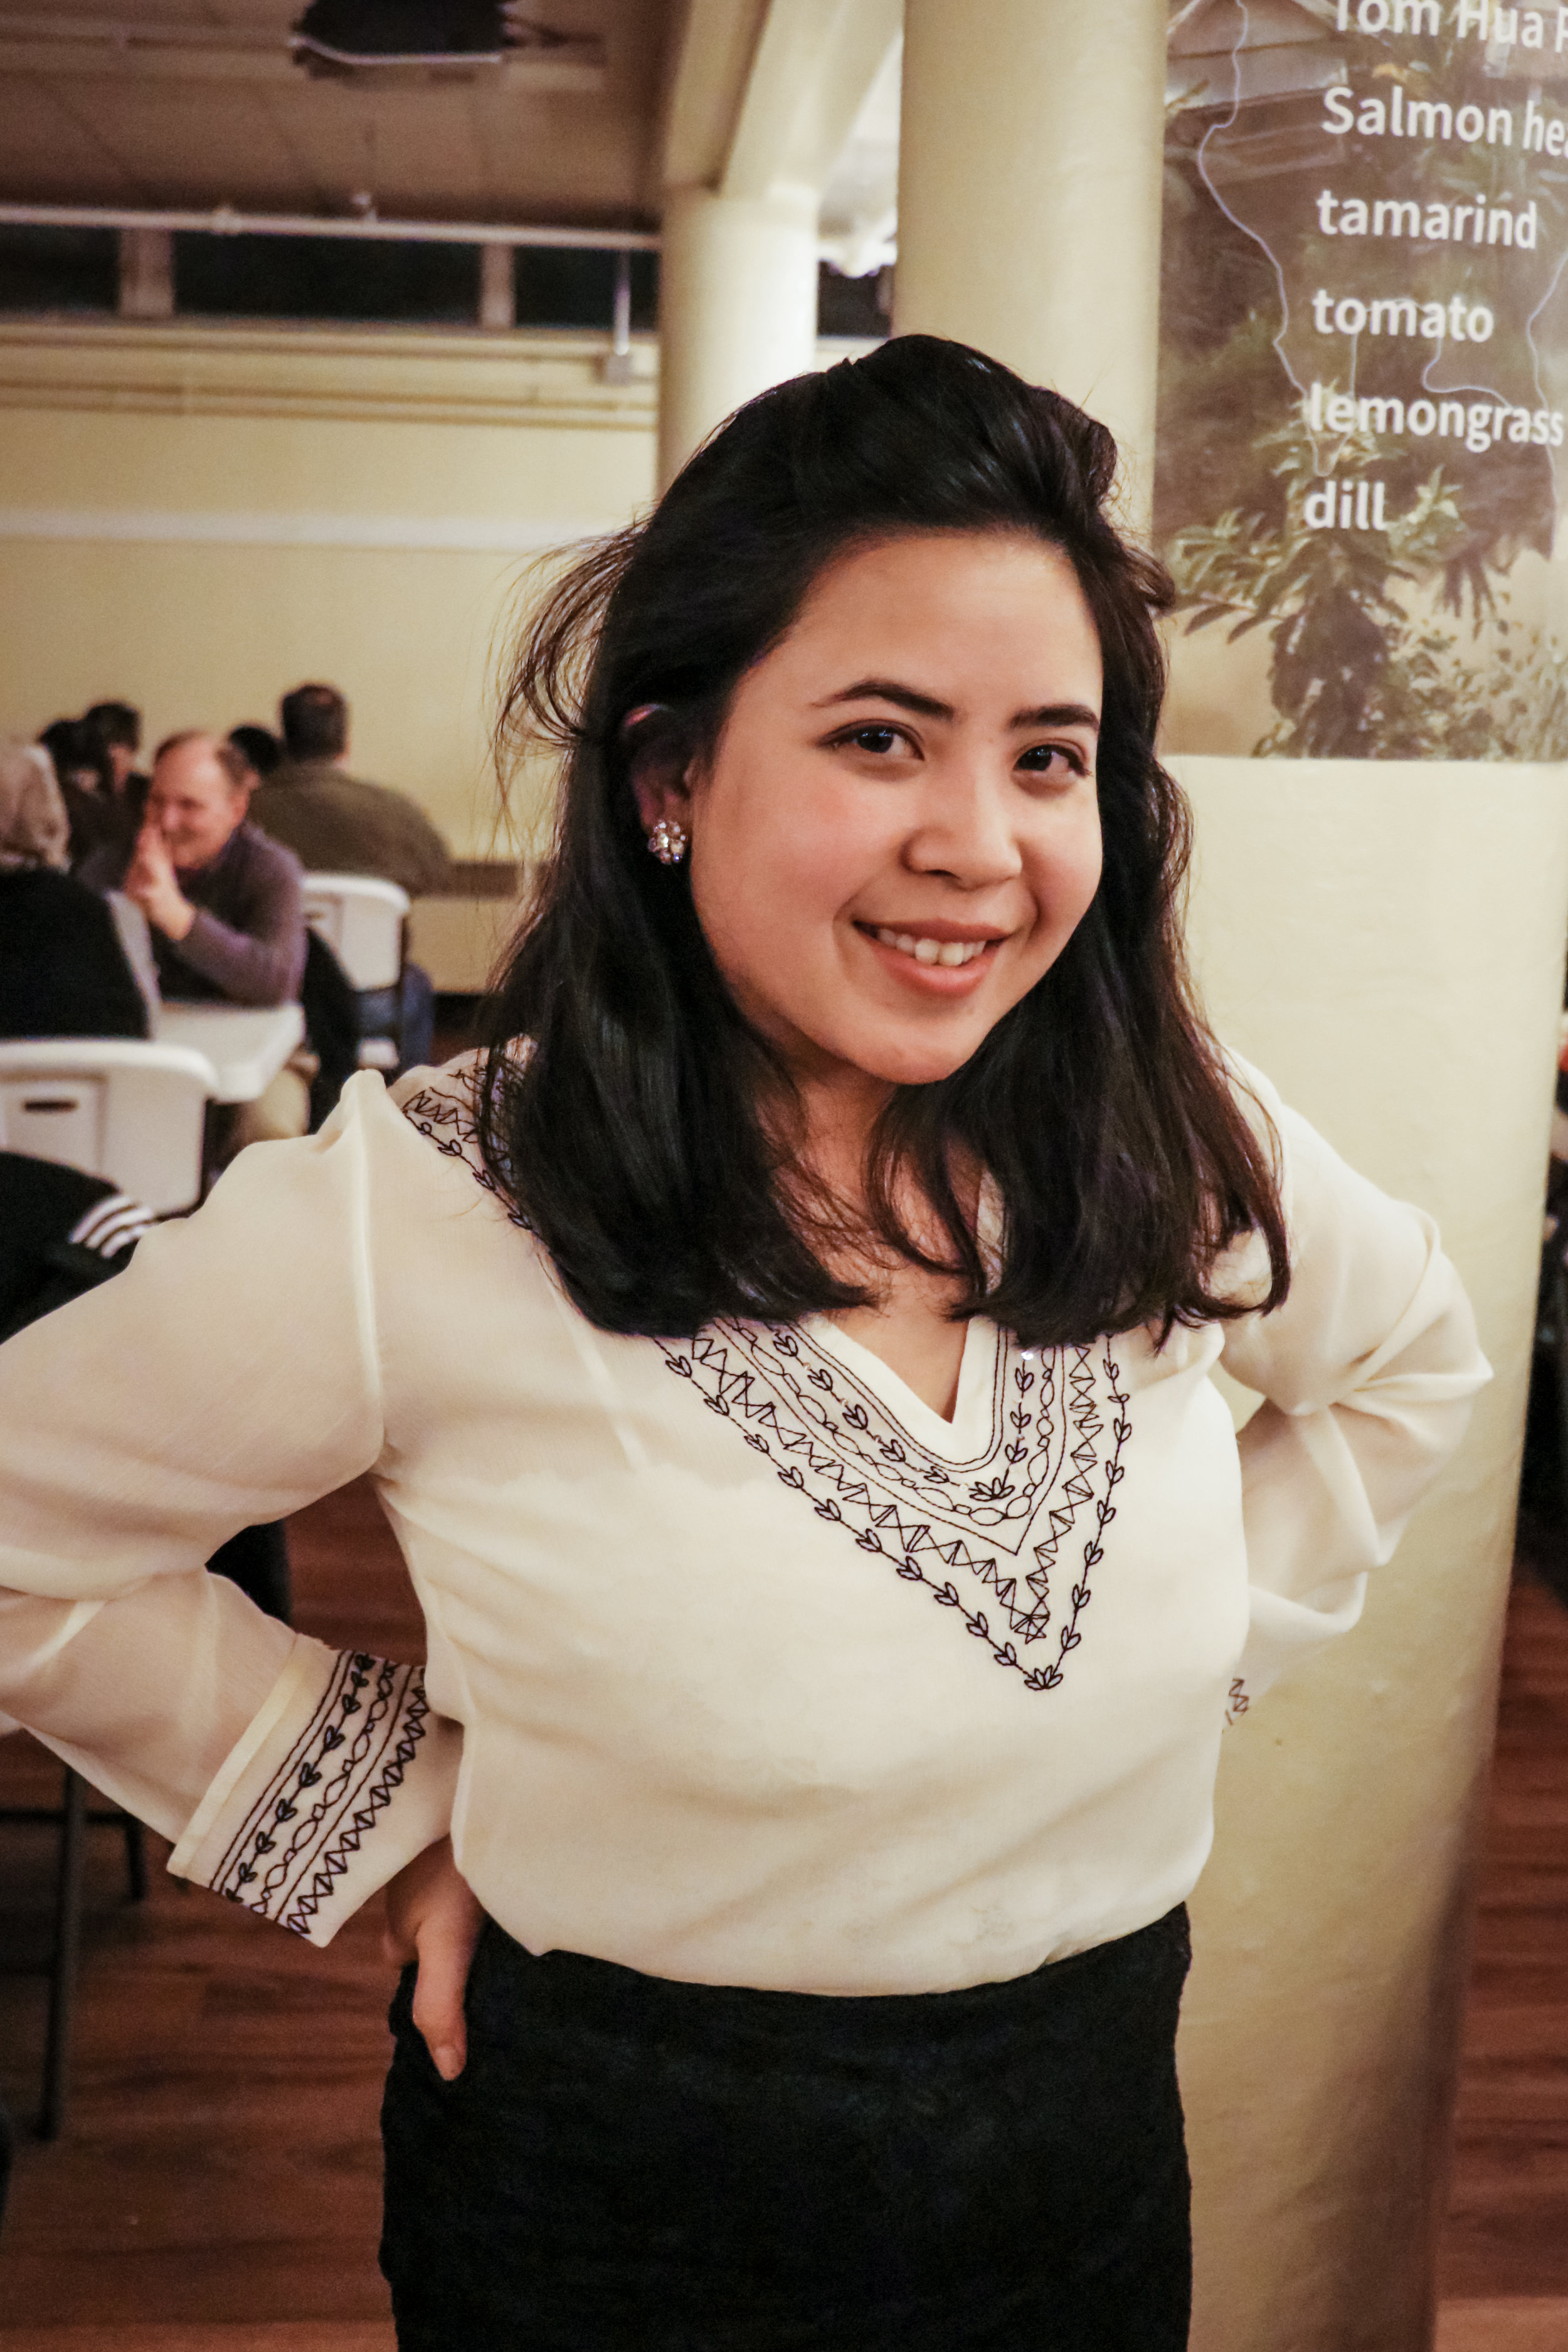 Photo by Saniya More.